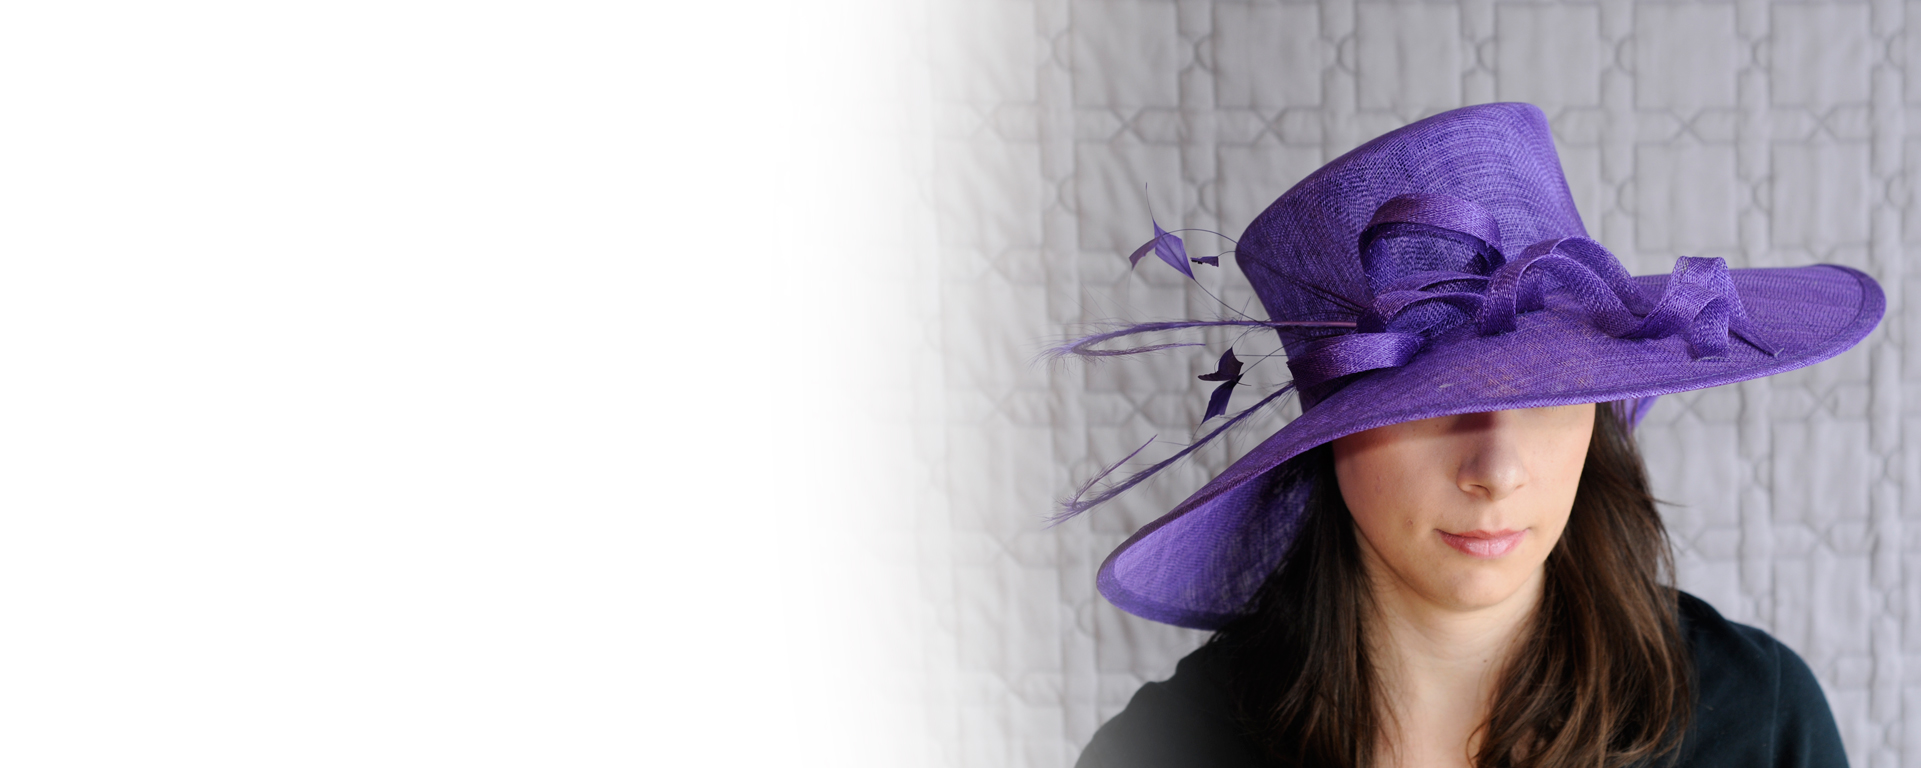 Elegant Hats and Fascinators